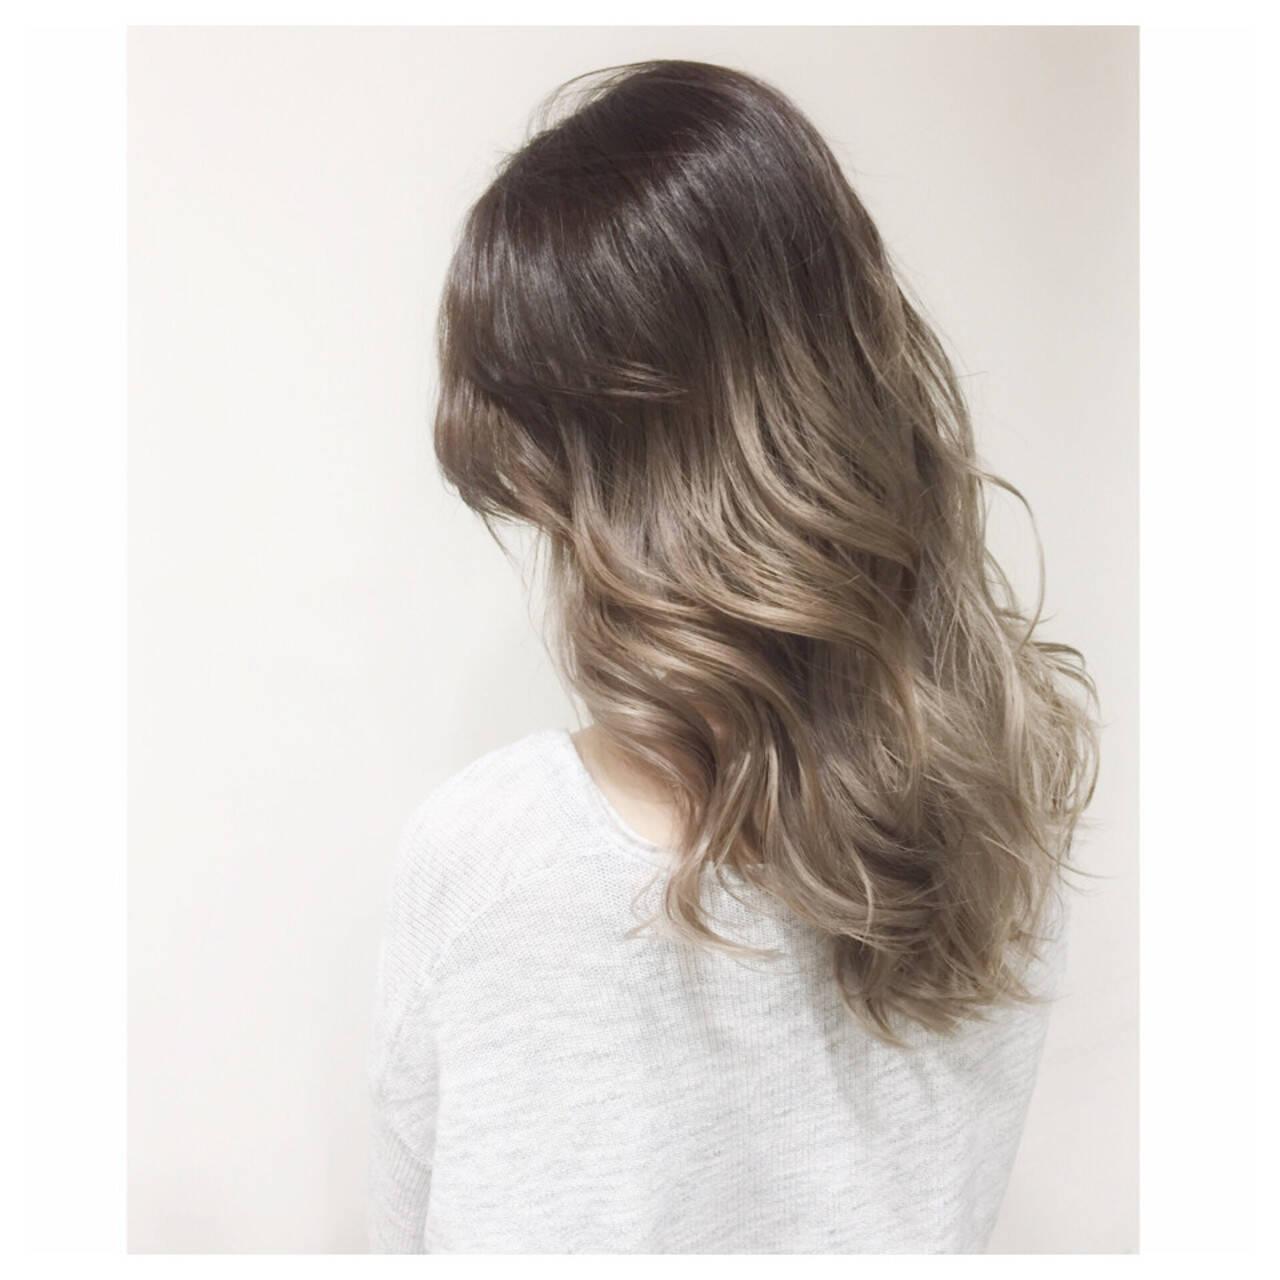 外国人風 渋谷系 ヘアアレンジ ダブルカラーヘアスタイルや髪型の写真・画像